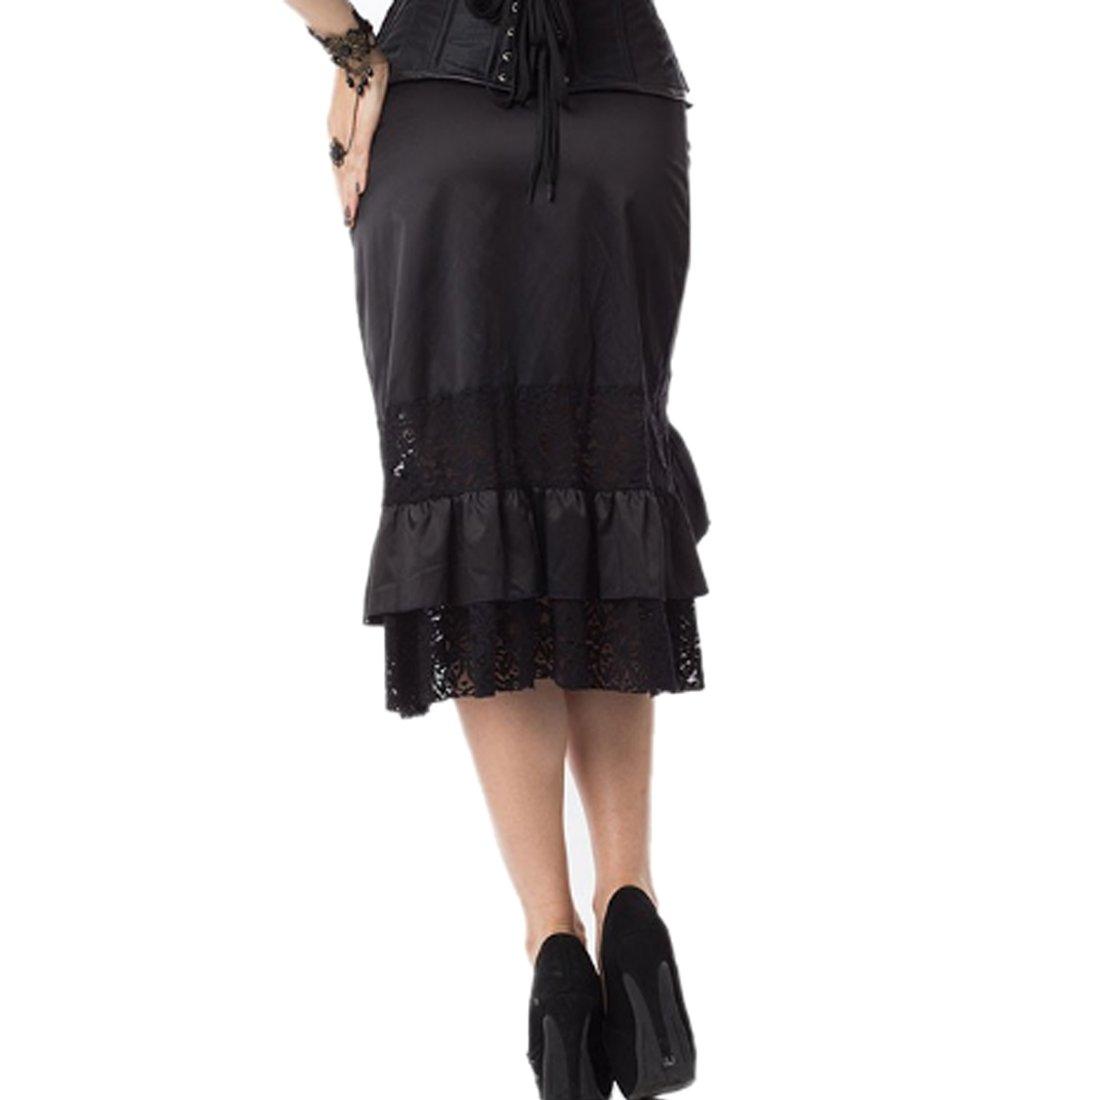 bdd1a17b49 Falda Steampunk y Dobladillo Falda de Encaje de algodón Negro Punk Rock Falda  gótica Negra Hip Club Vestir Vintage  Amazon.es  Ropa y accesorios